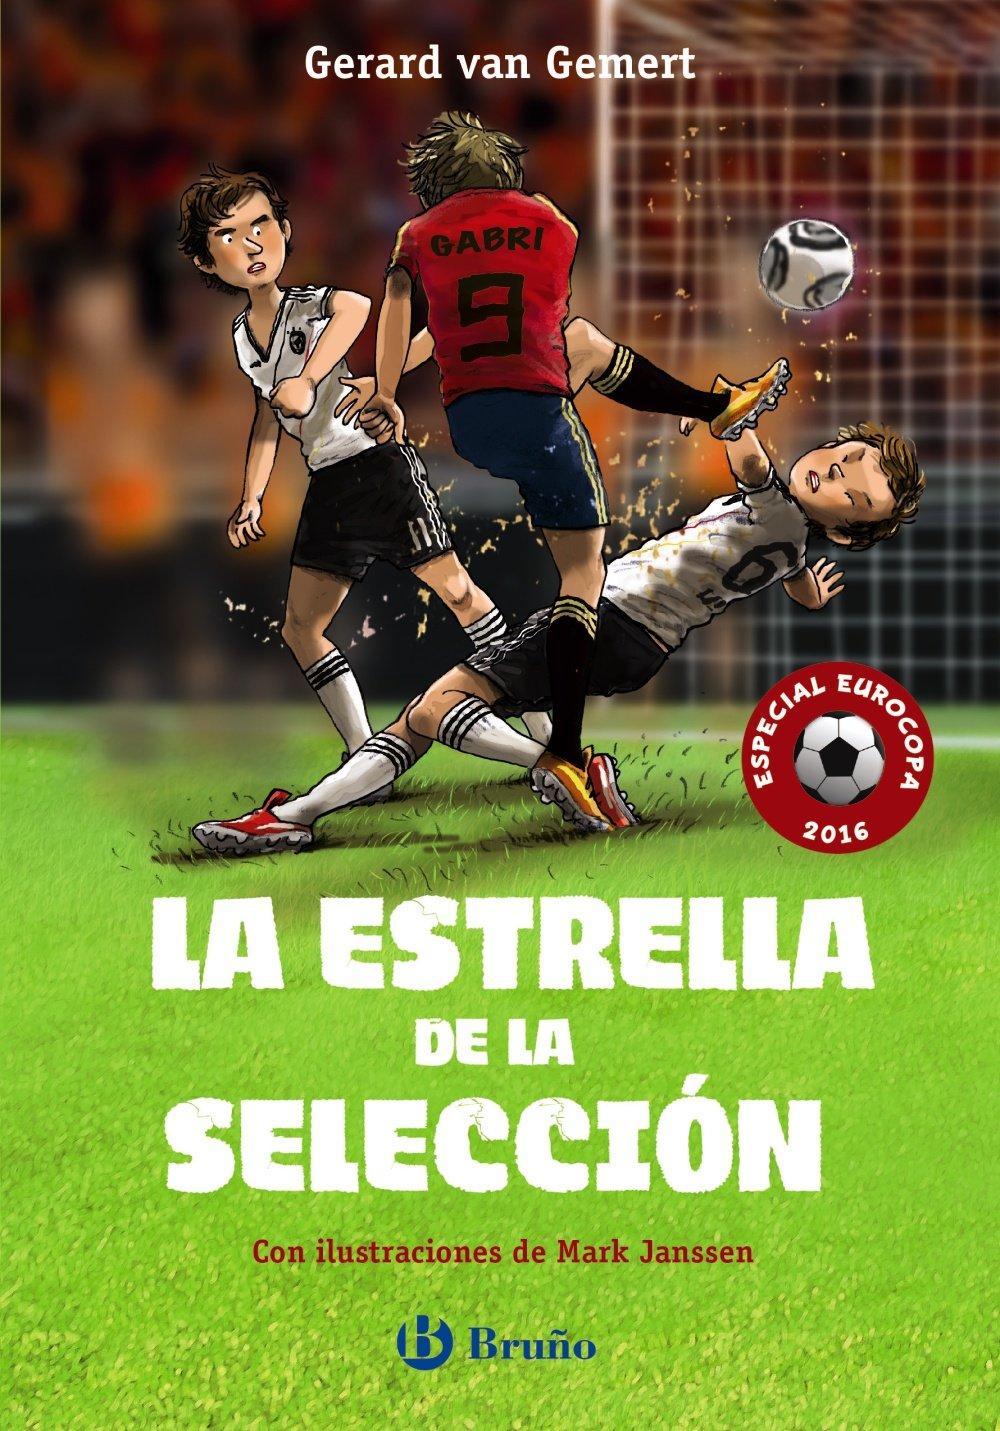 La estrella de la selección: Especial Eurocopa 2016 Castellano - A ...